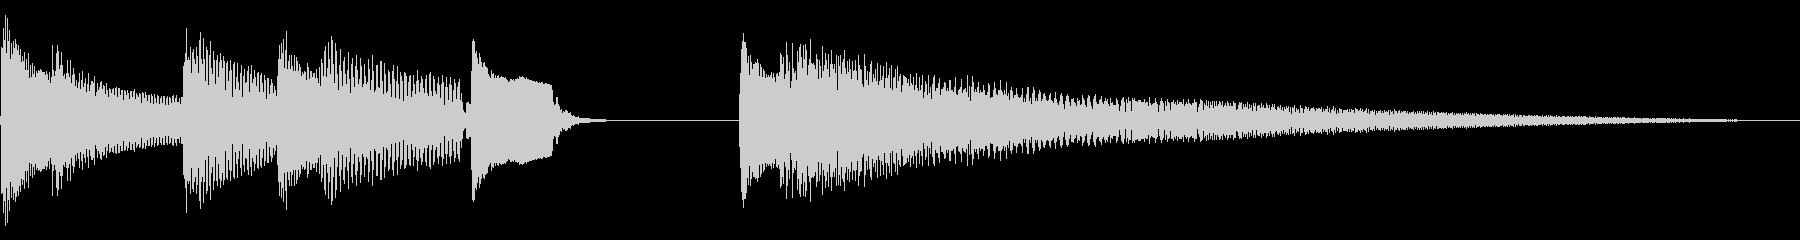 明るく弾むような音色のジングルの未再生の波形